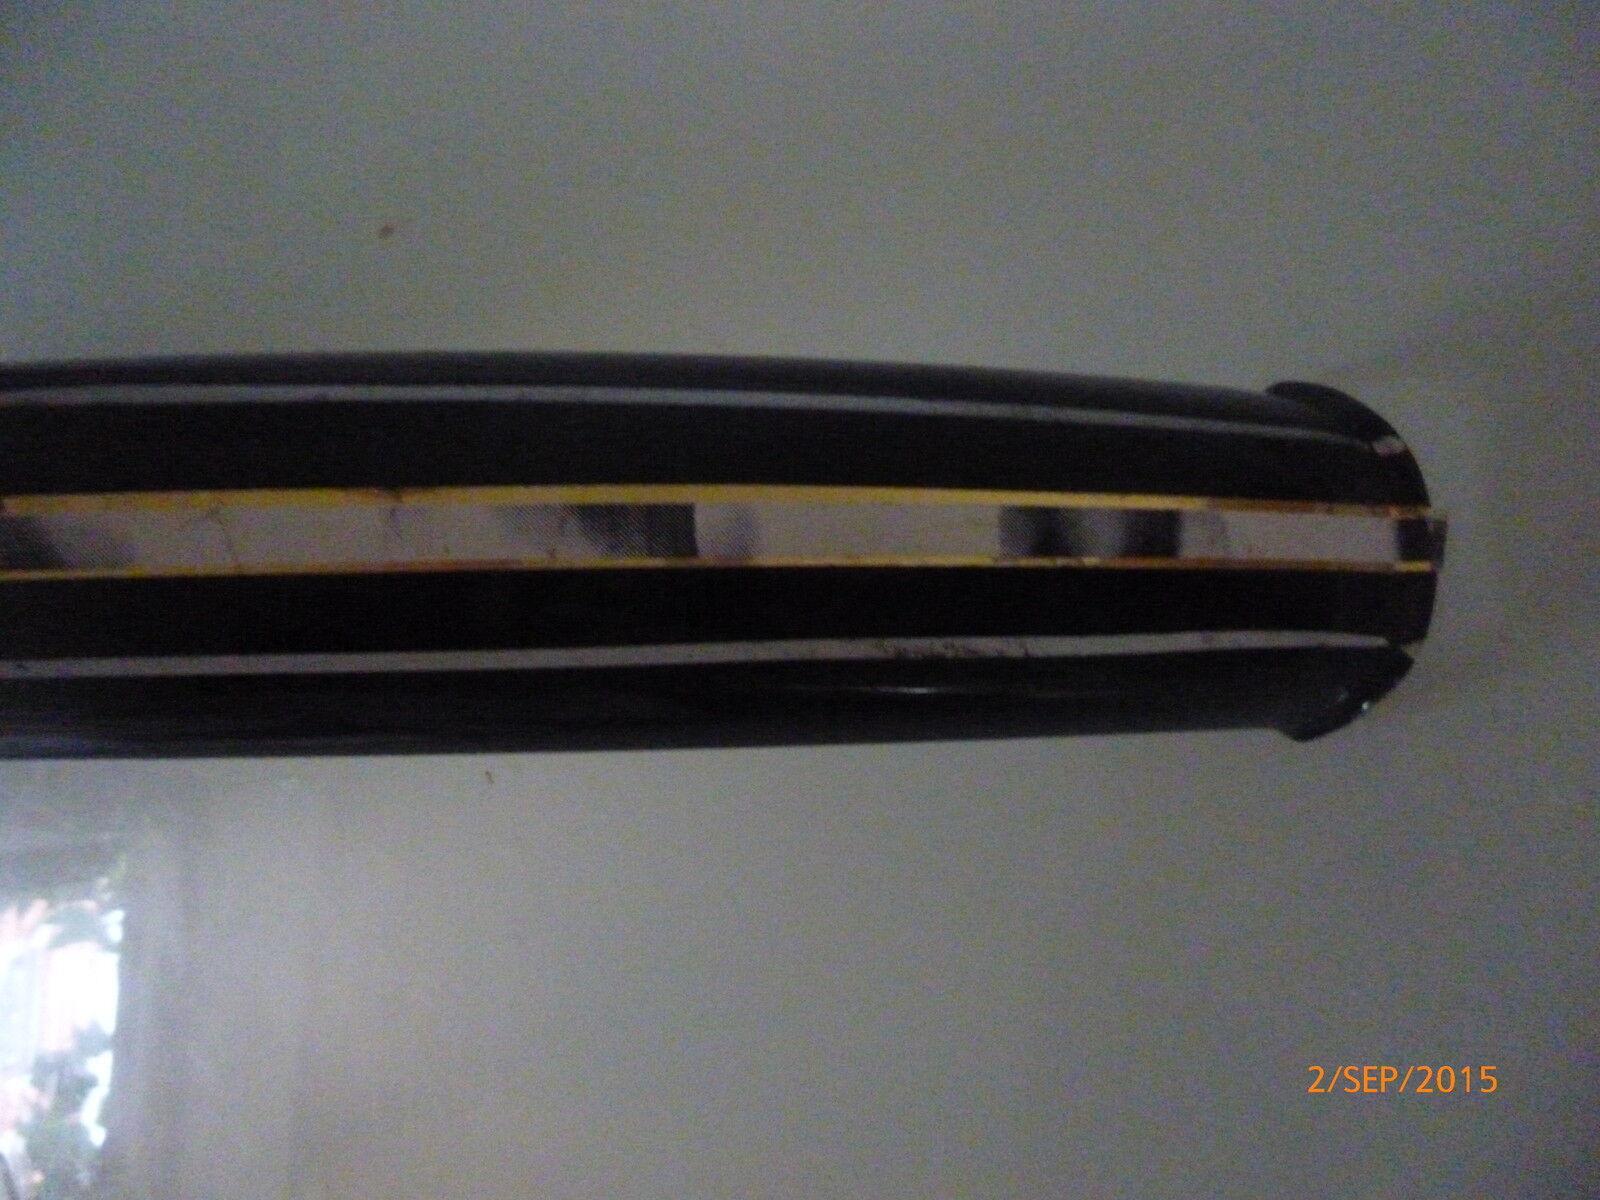 Nouveau 26x1.75 blanc-or-blanc roue avant protection de tôlerie, noir, blanc-or-blanc 26x1.75 carnets 22f63f